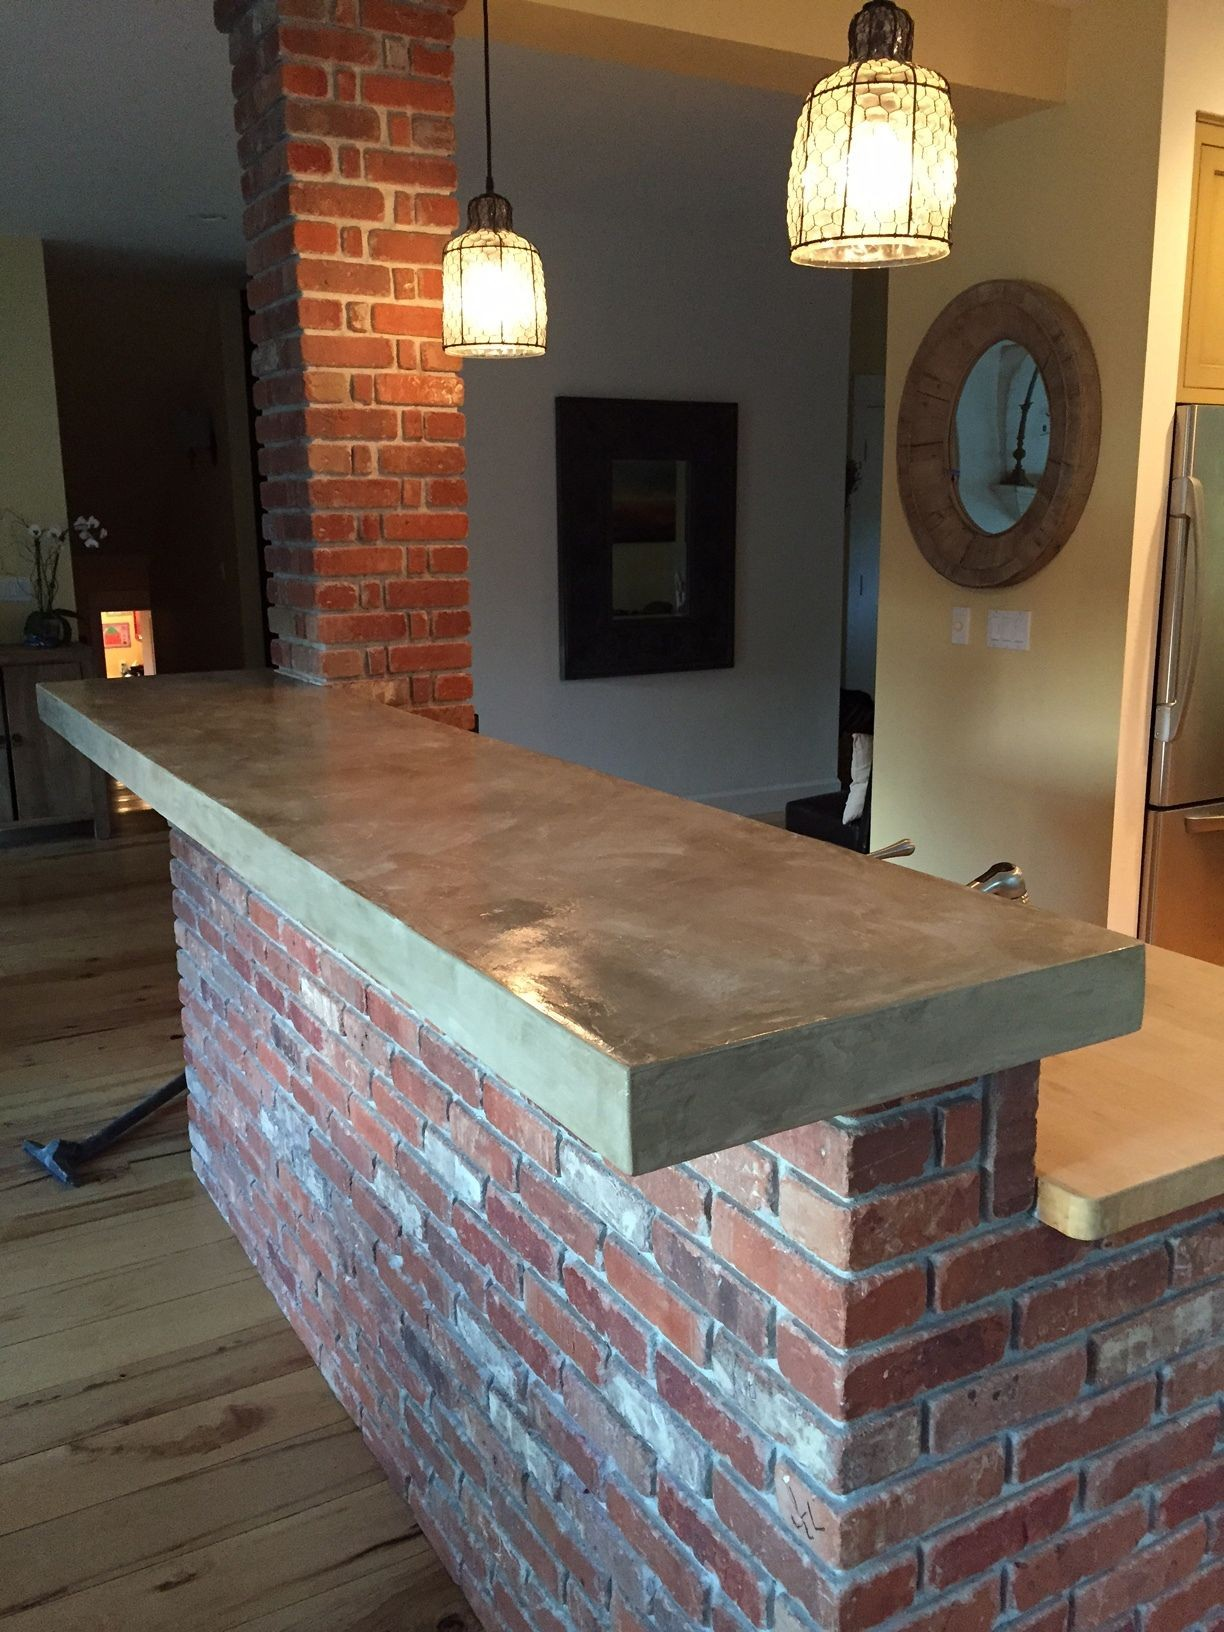 bar countertop tile  concrete overlay on tile | Bar countertops, Home bar ..